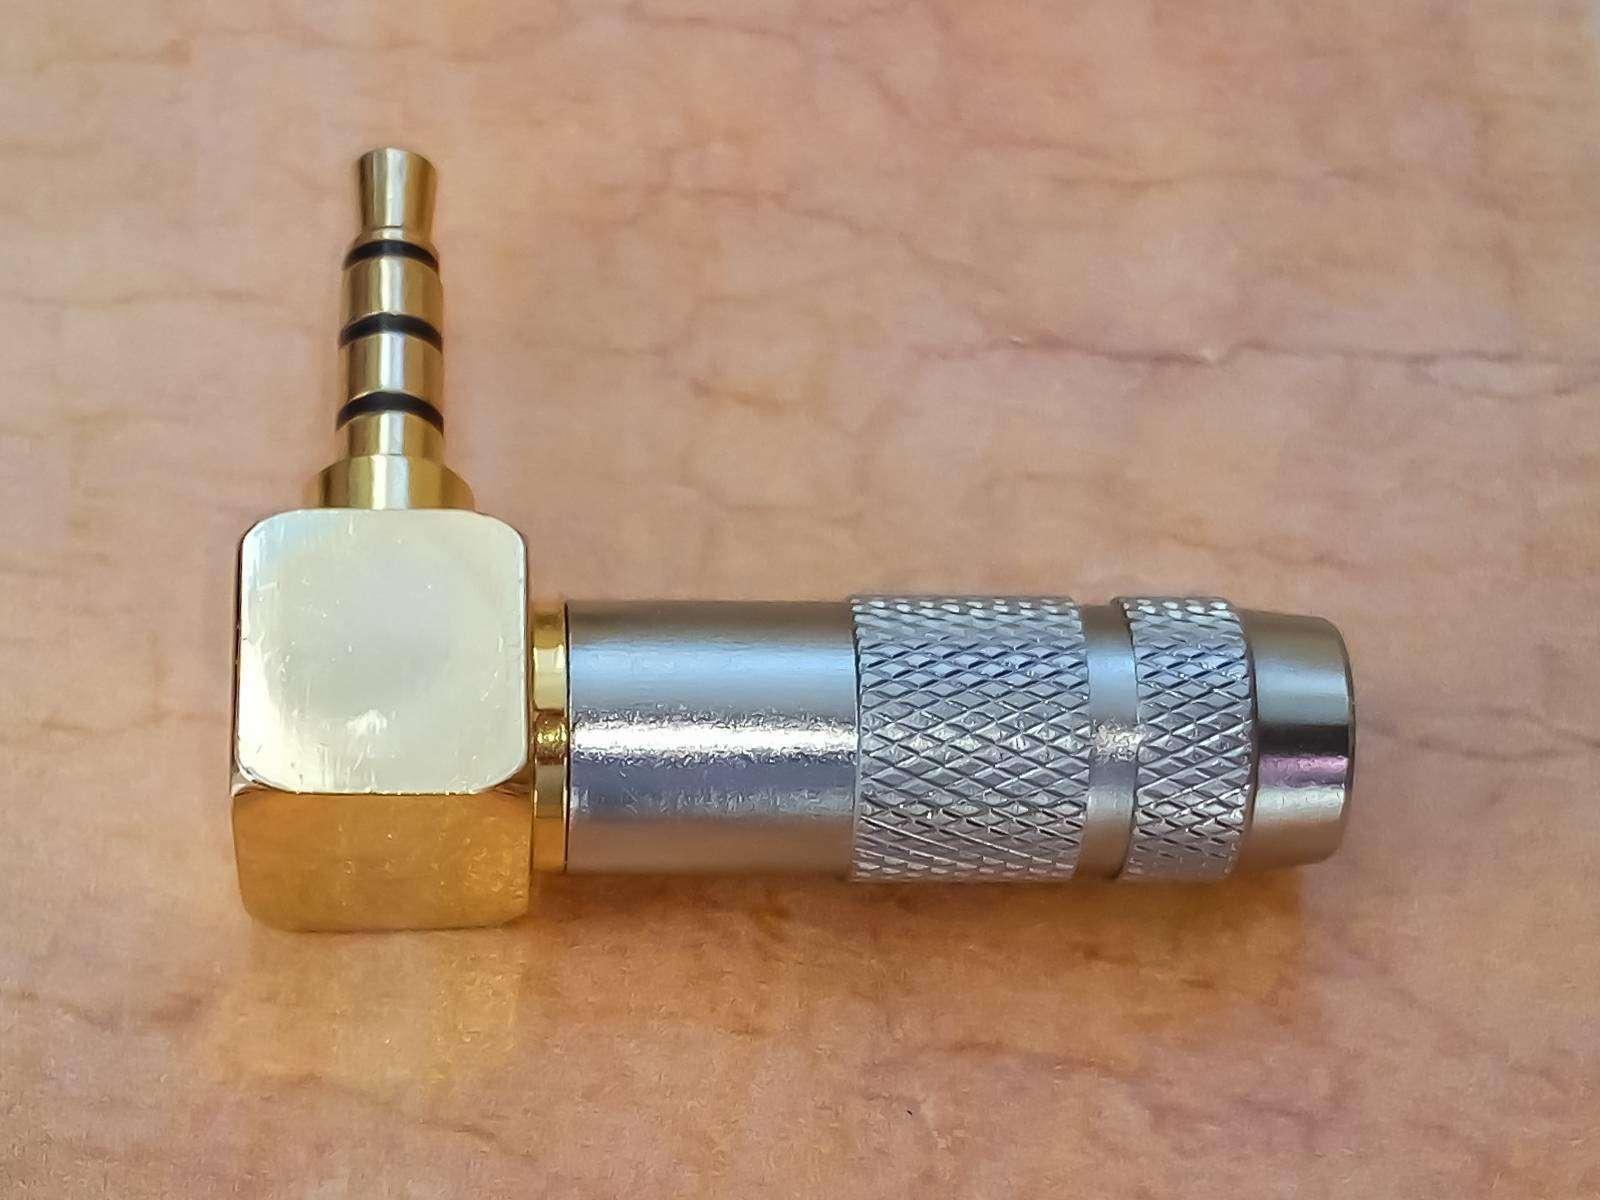 Banggood: Г образный, 4х контактный 3,5 мм аудио штекер